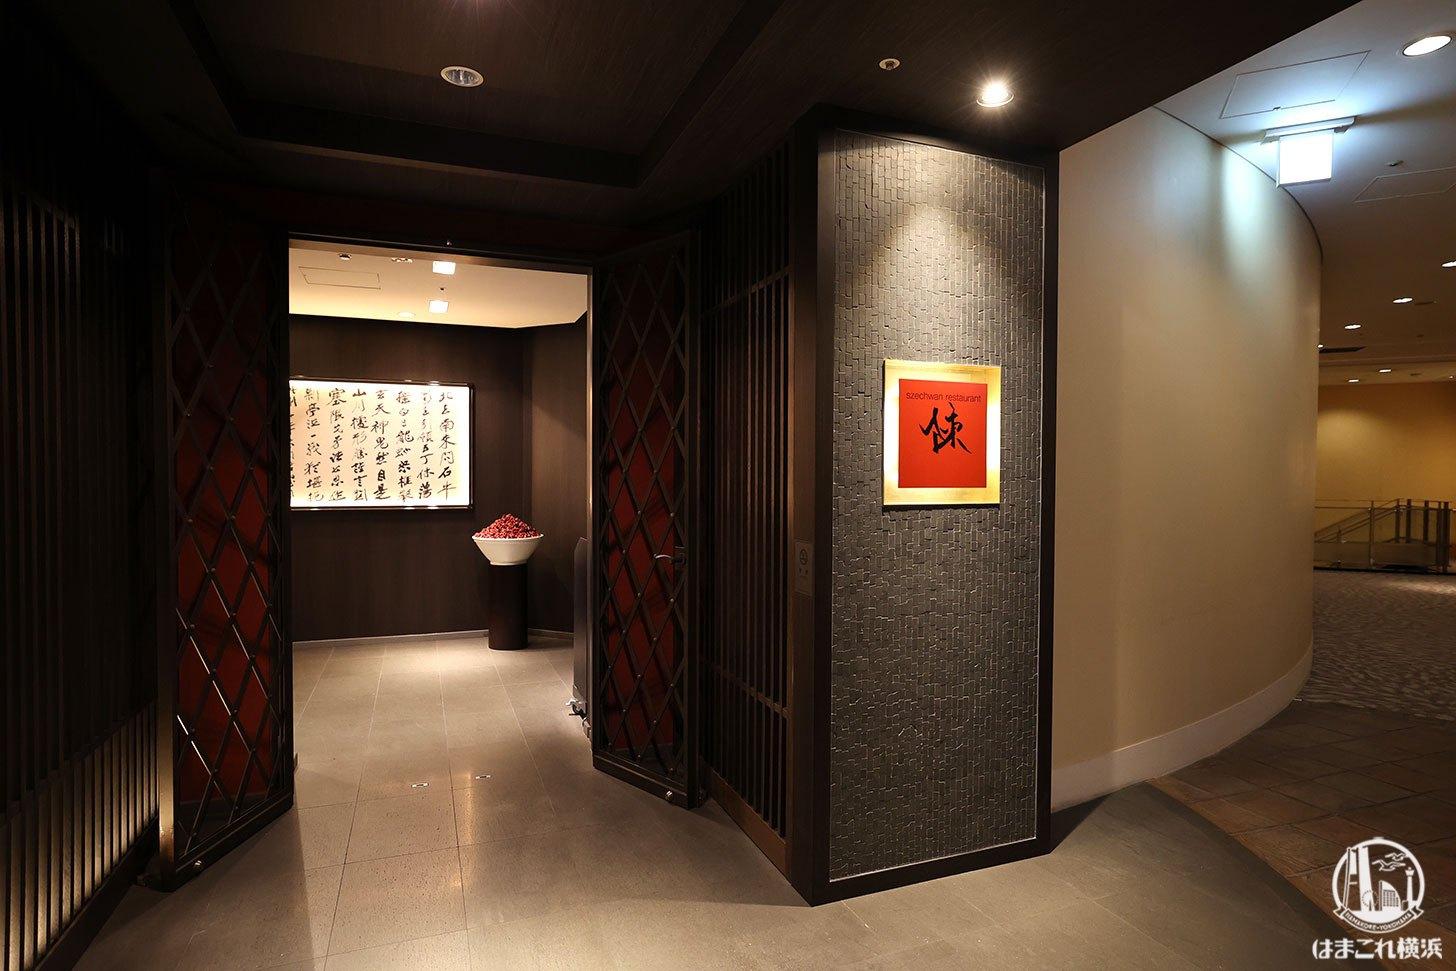 スーツァンレストラン陳 入口